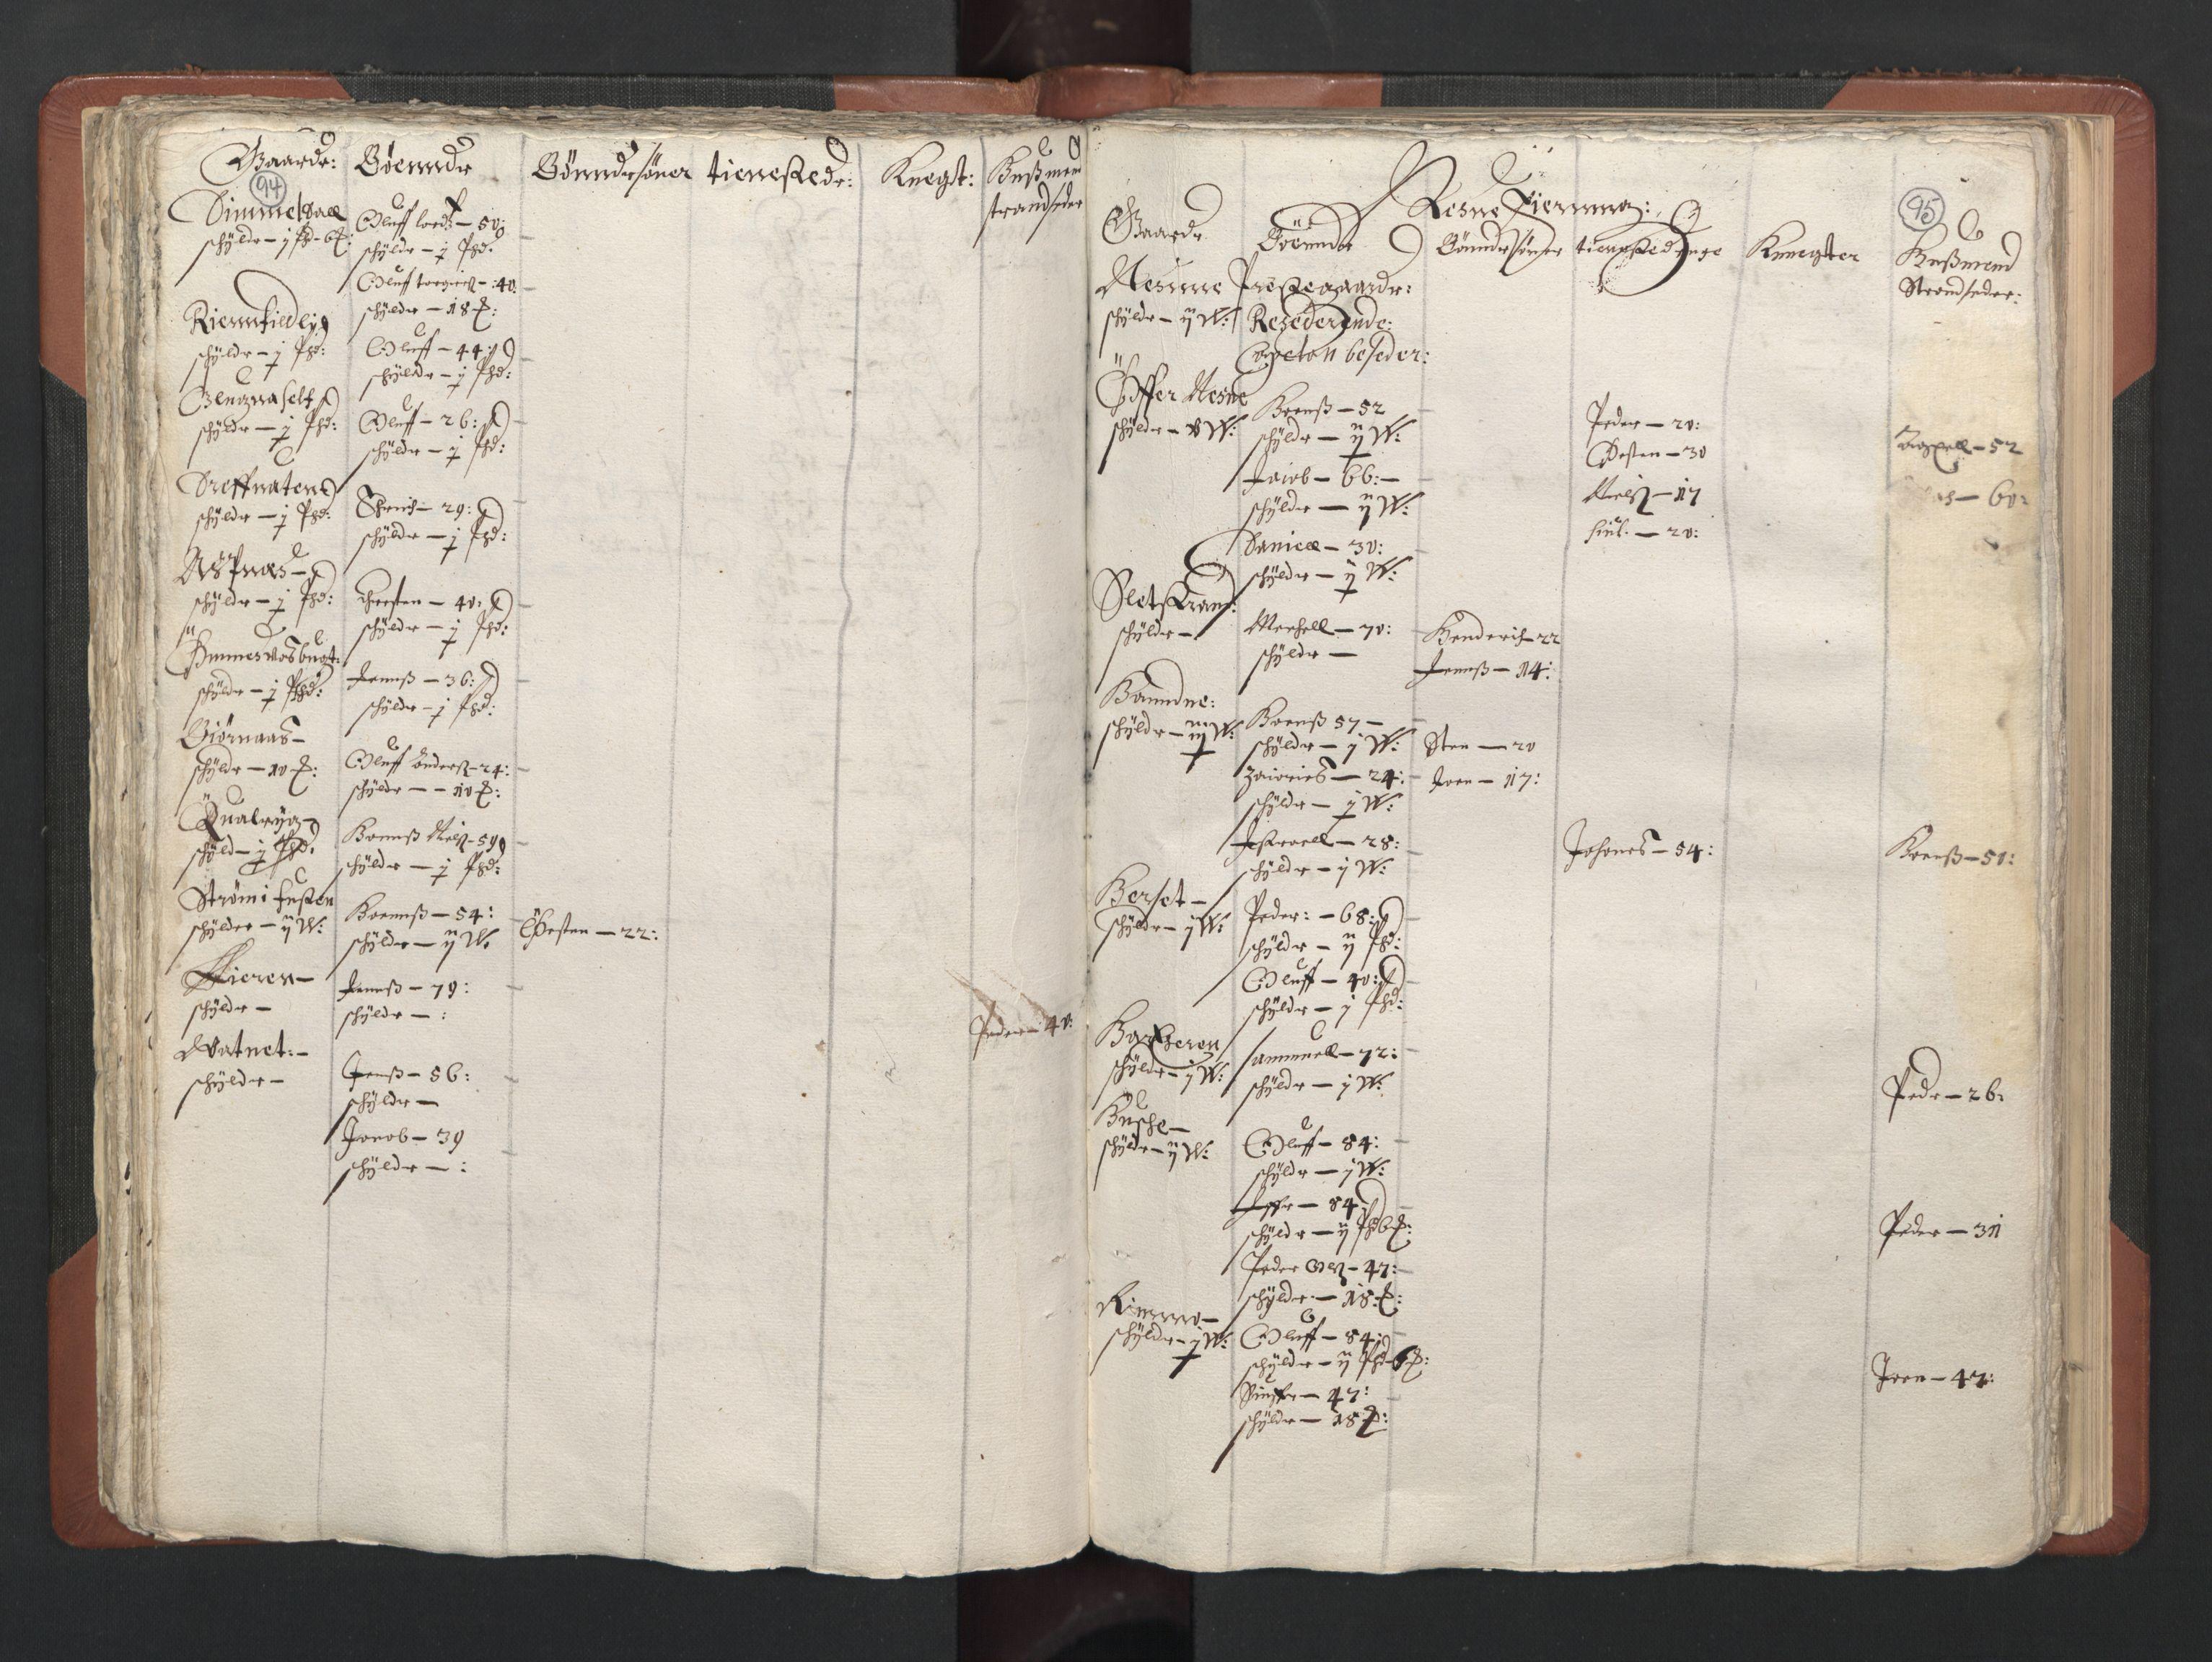 RA, Fogdenes og sorenskrivernes manntall 1664-1666, nr. 20: Fogderier (len og skipreider) i nåværende Nordland fylke, Troms fylke og Finnmark fylke, 1665, s. 94-95